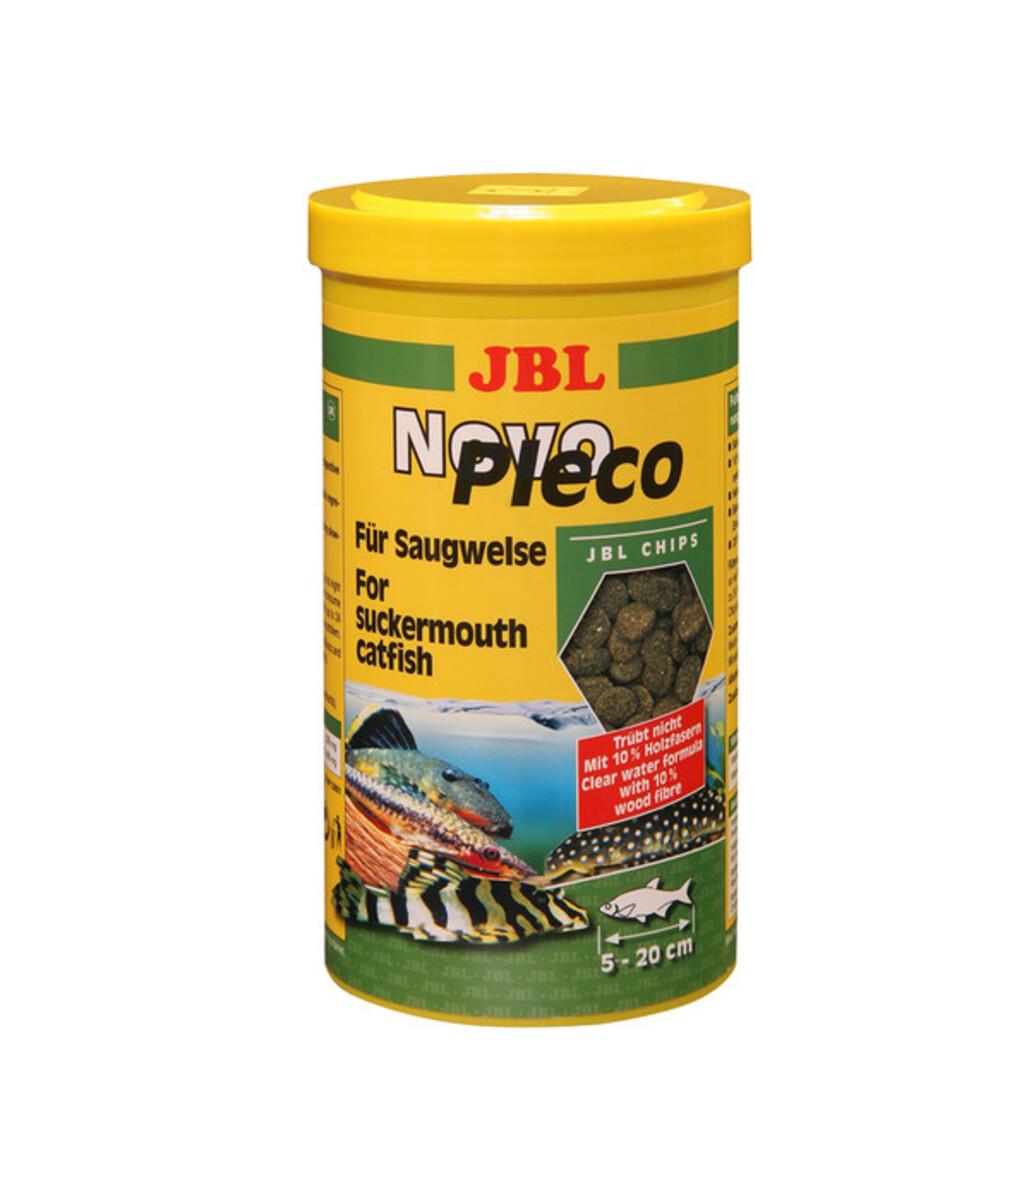 Bild 1 von JBL Fischfutter NovoPleco Chips